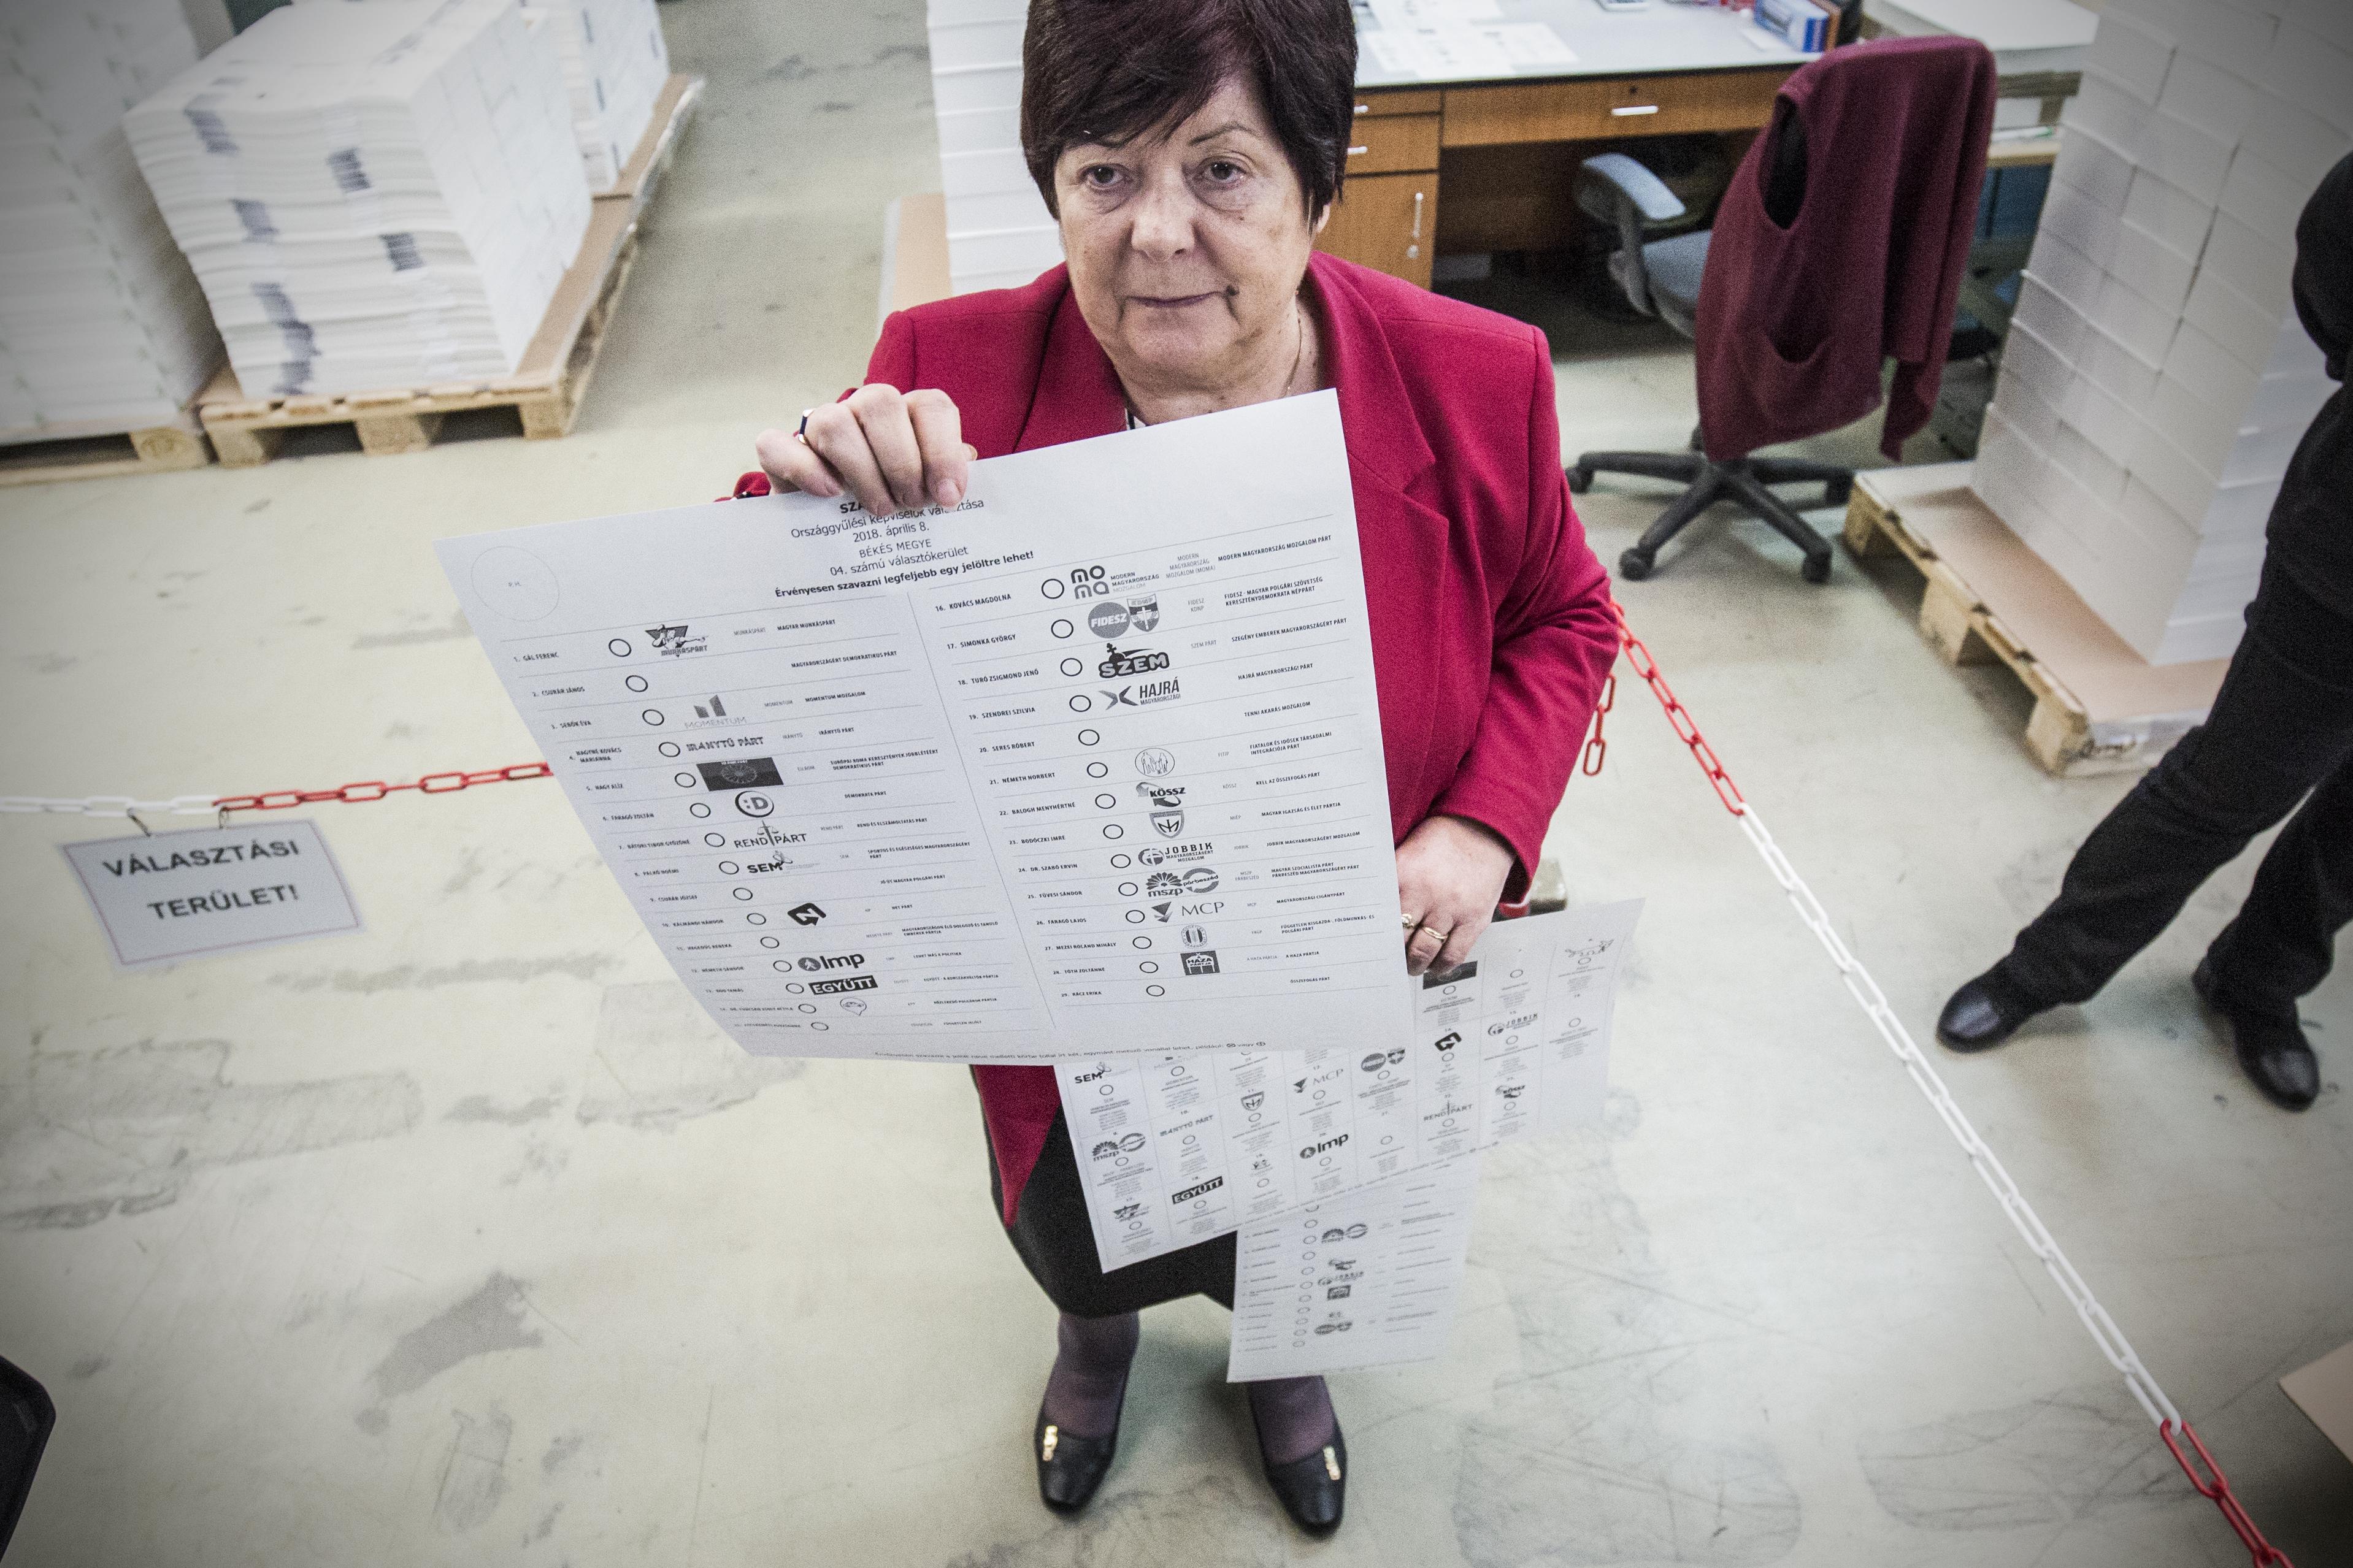 Módosította a választási szabályokat a Fidesz-KDNP